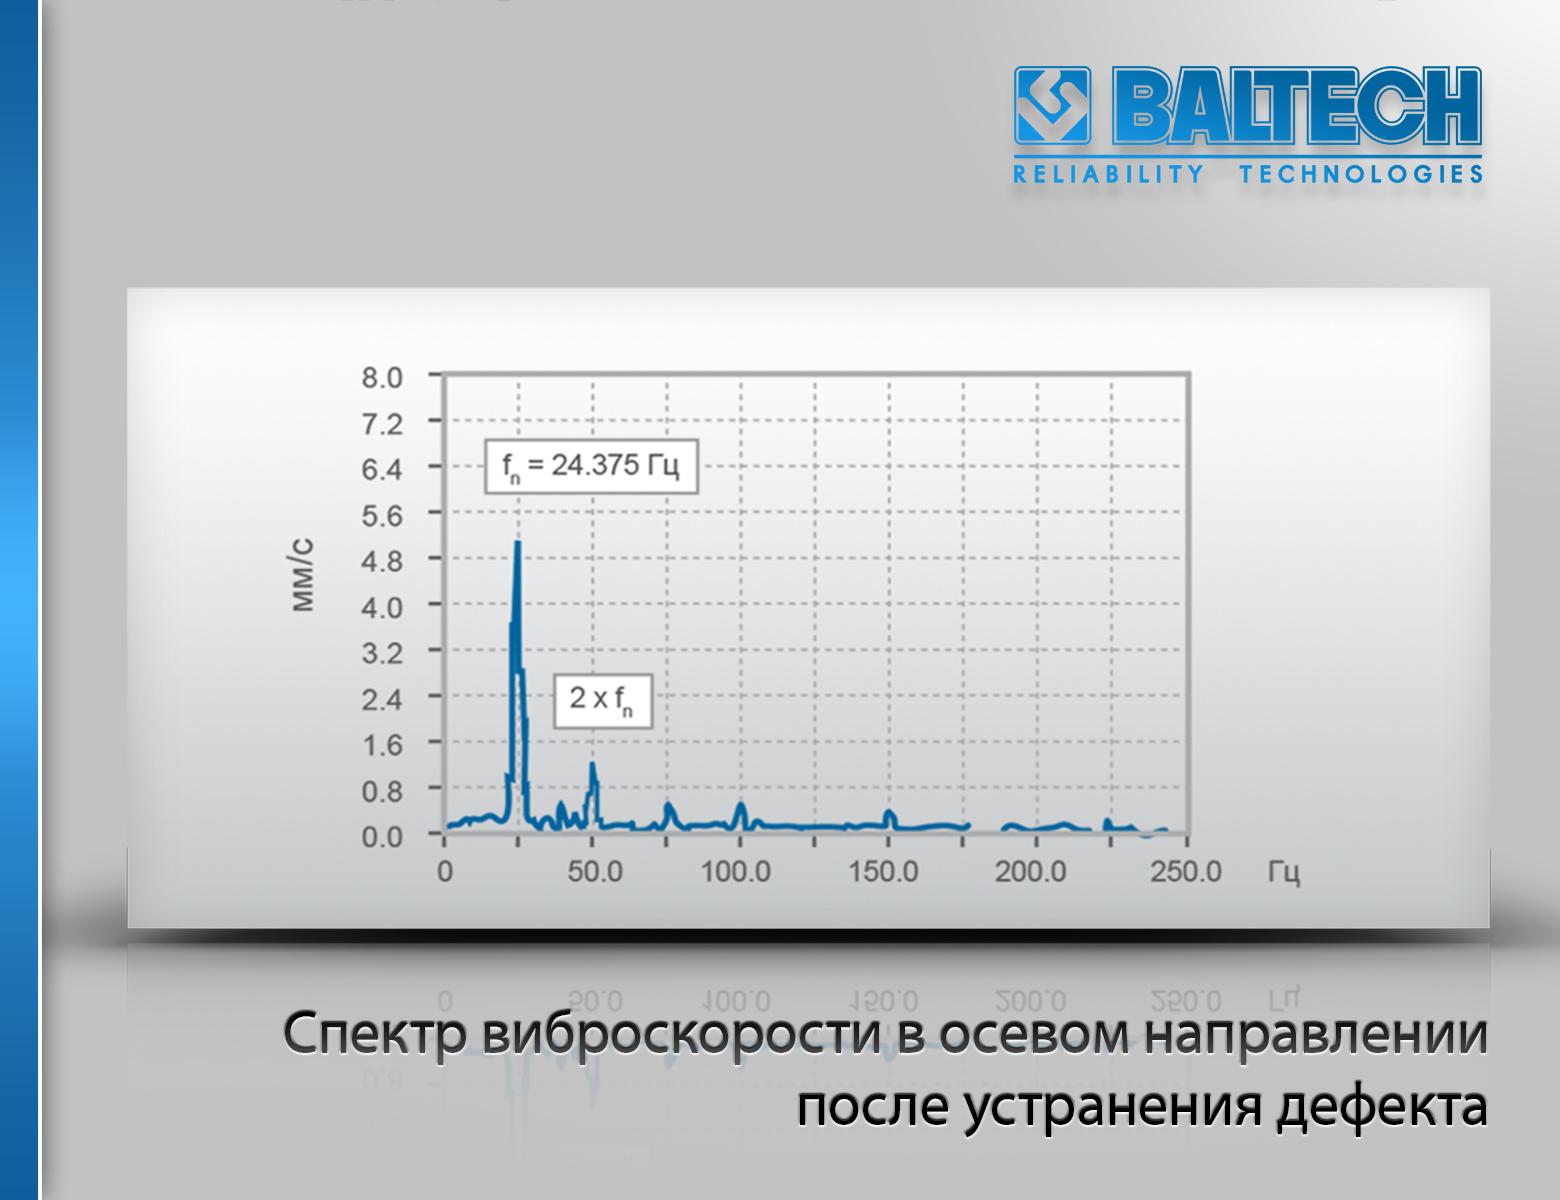 Спектр виброскорости в осевом направлении после устранения дефекта